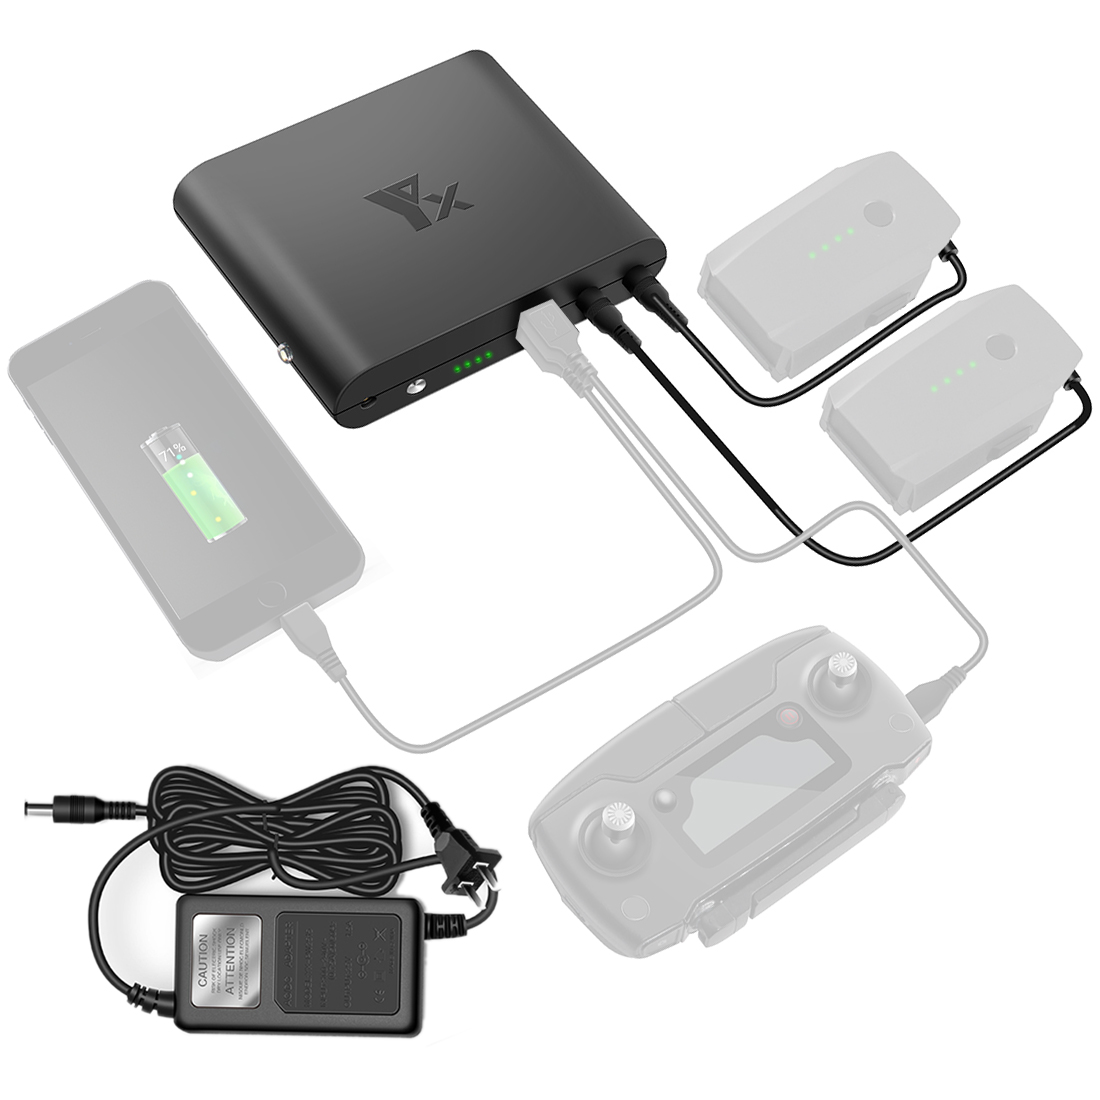 Ricarica Accumulatori e caricabatterie di riserva Mobile di Potere Transverter Caricatore Esterno per DJI Mavic Pro Batteria Telecomando Del Telefono Spina di US/EU